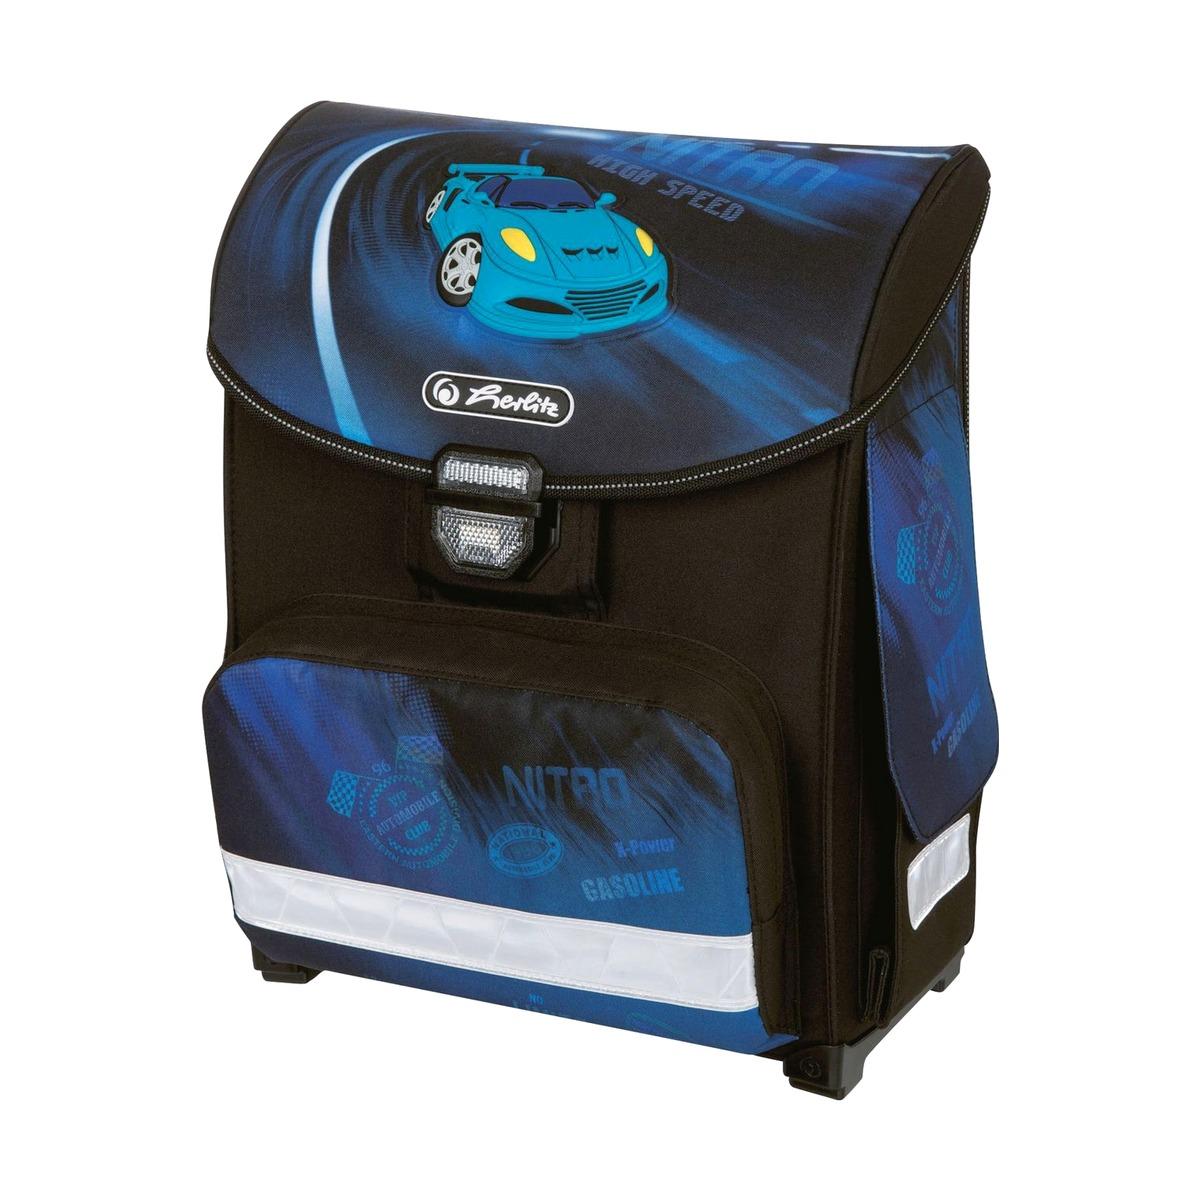 Школьный ранец Herlitz Smart - Nitro, без наполненияШкольные рюкзаки<br>Школьный ранец Herlitz Smart - Nitro, без наполнения<br>